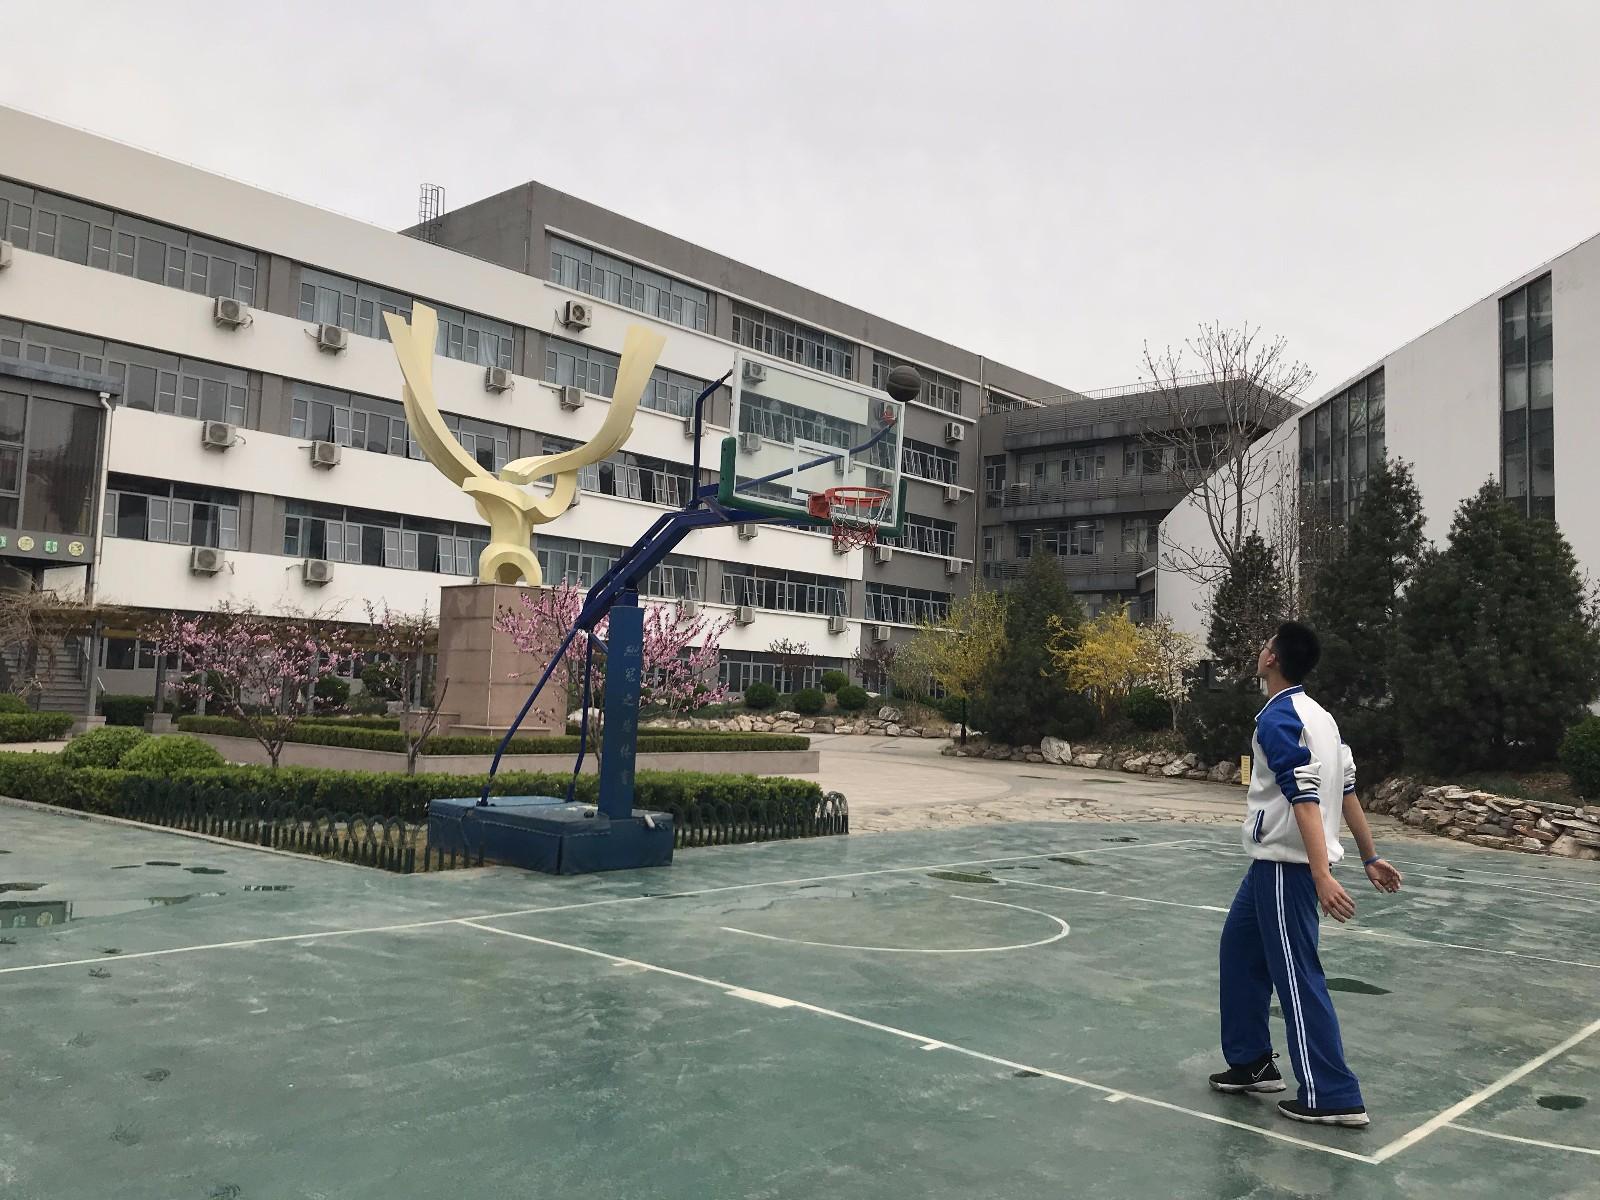 冯亚芹《腾飞的篮球》.jpg